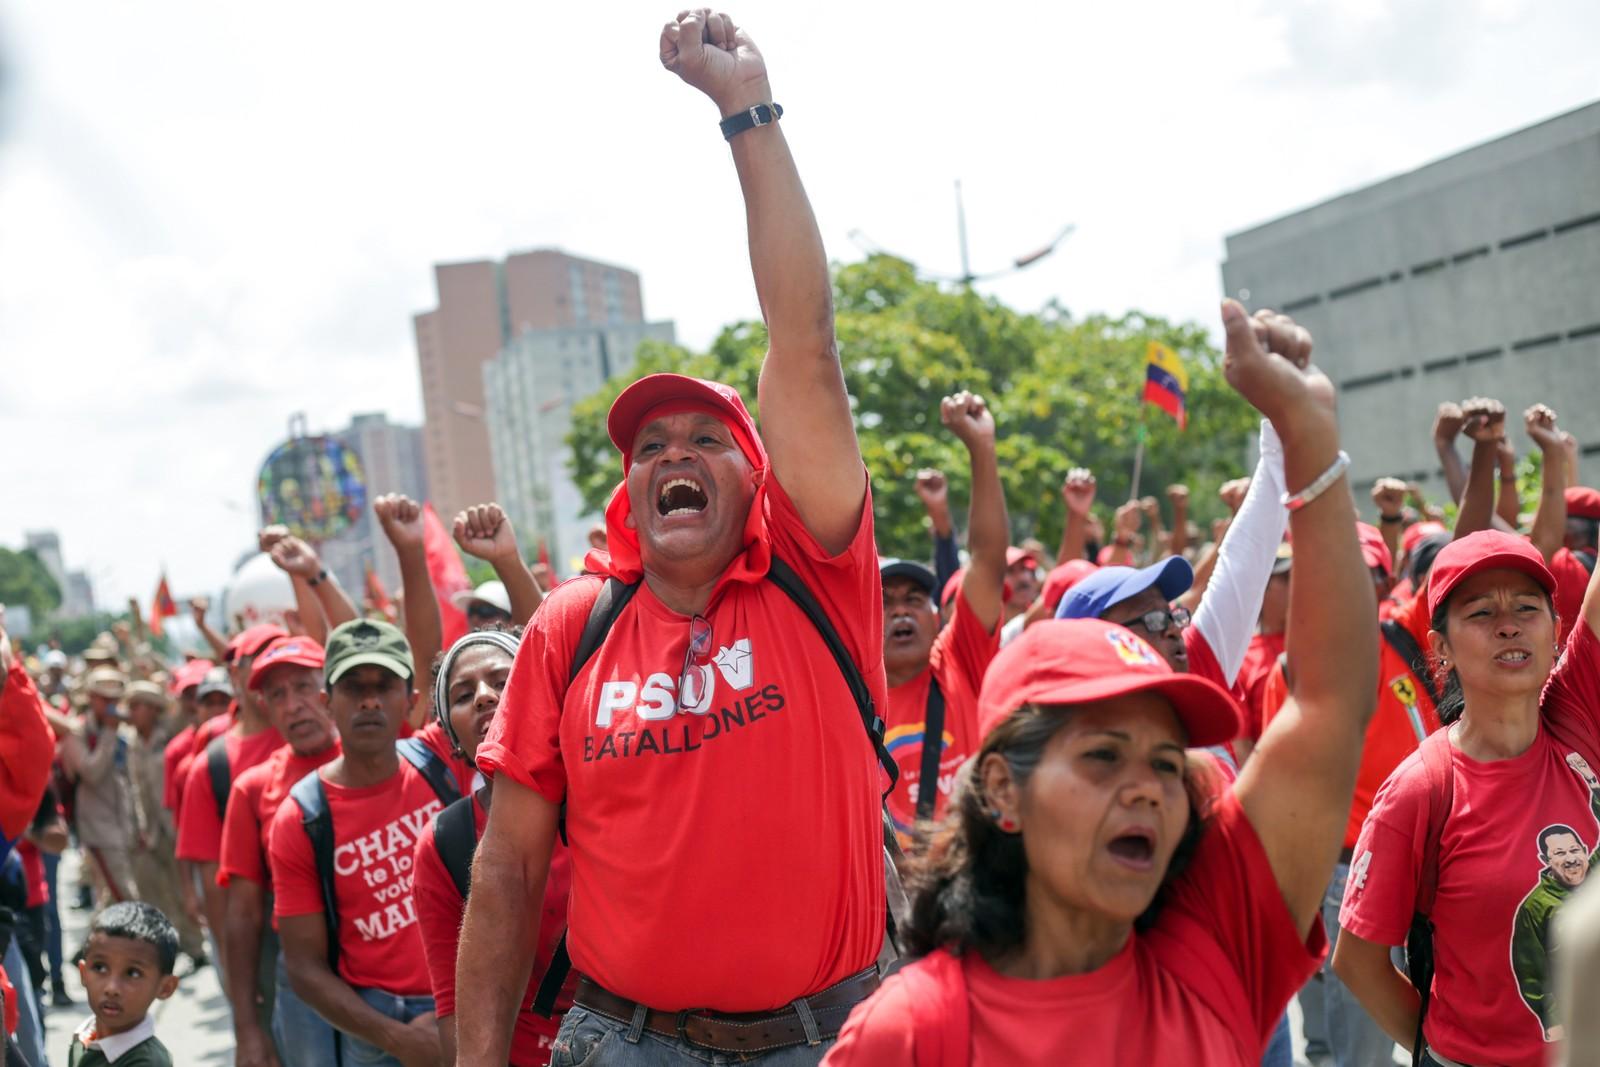 Protesto a favor de Maduro em Caracas, na Venezuela — Foto: Cristian Hernandez / AFP